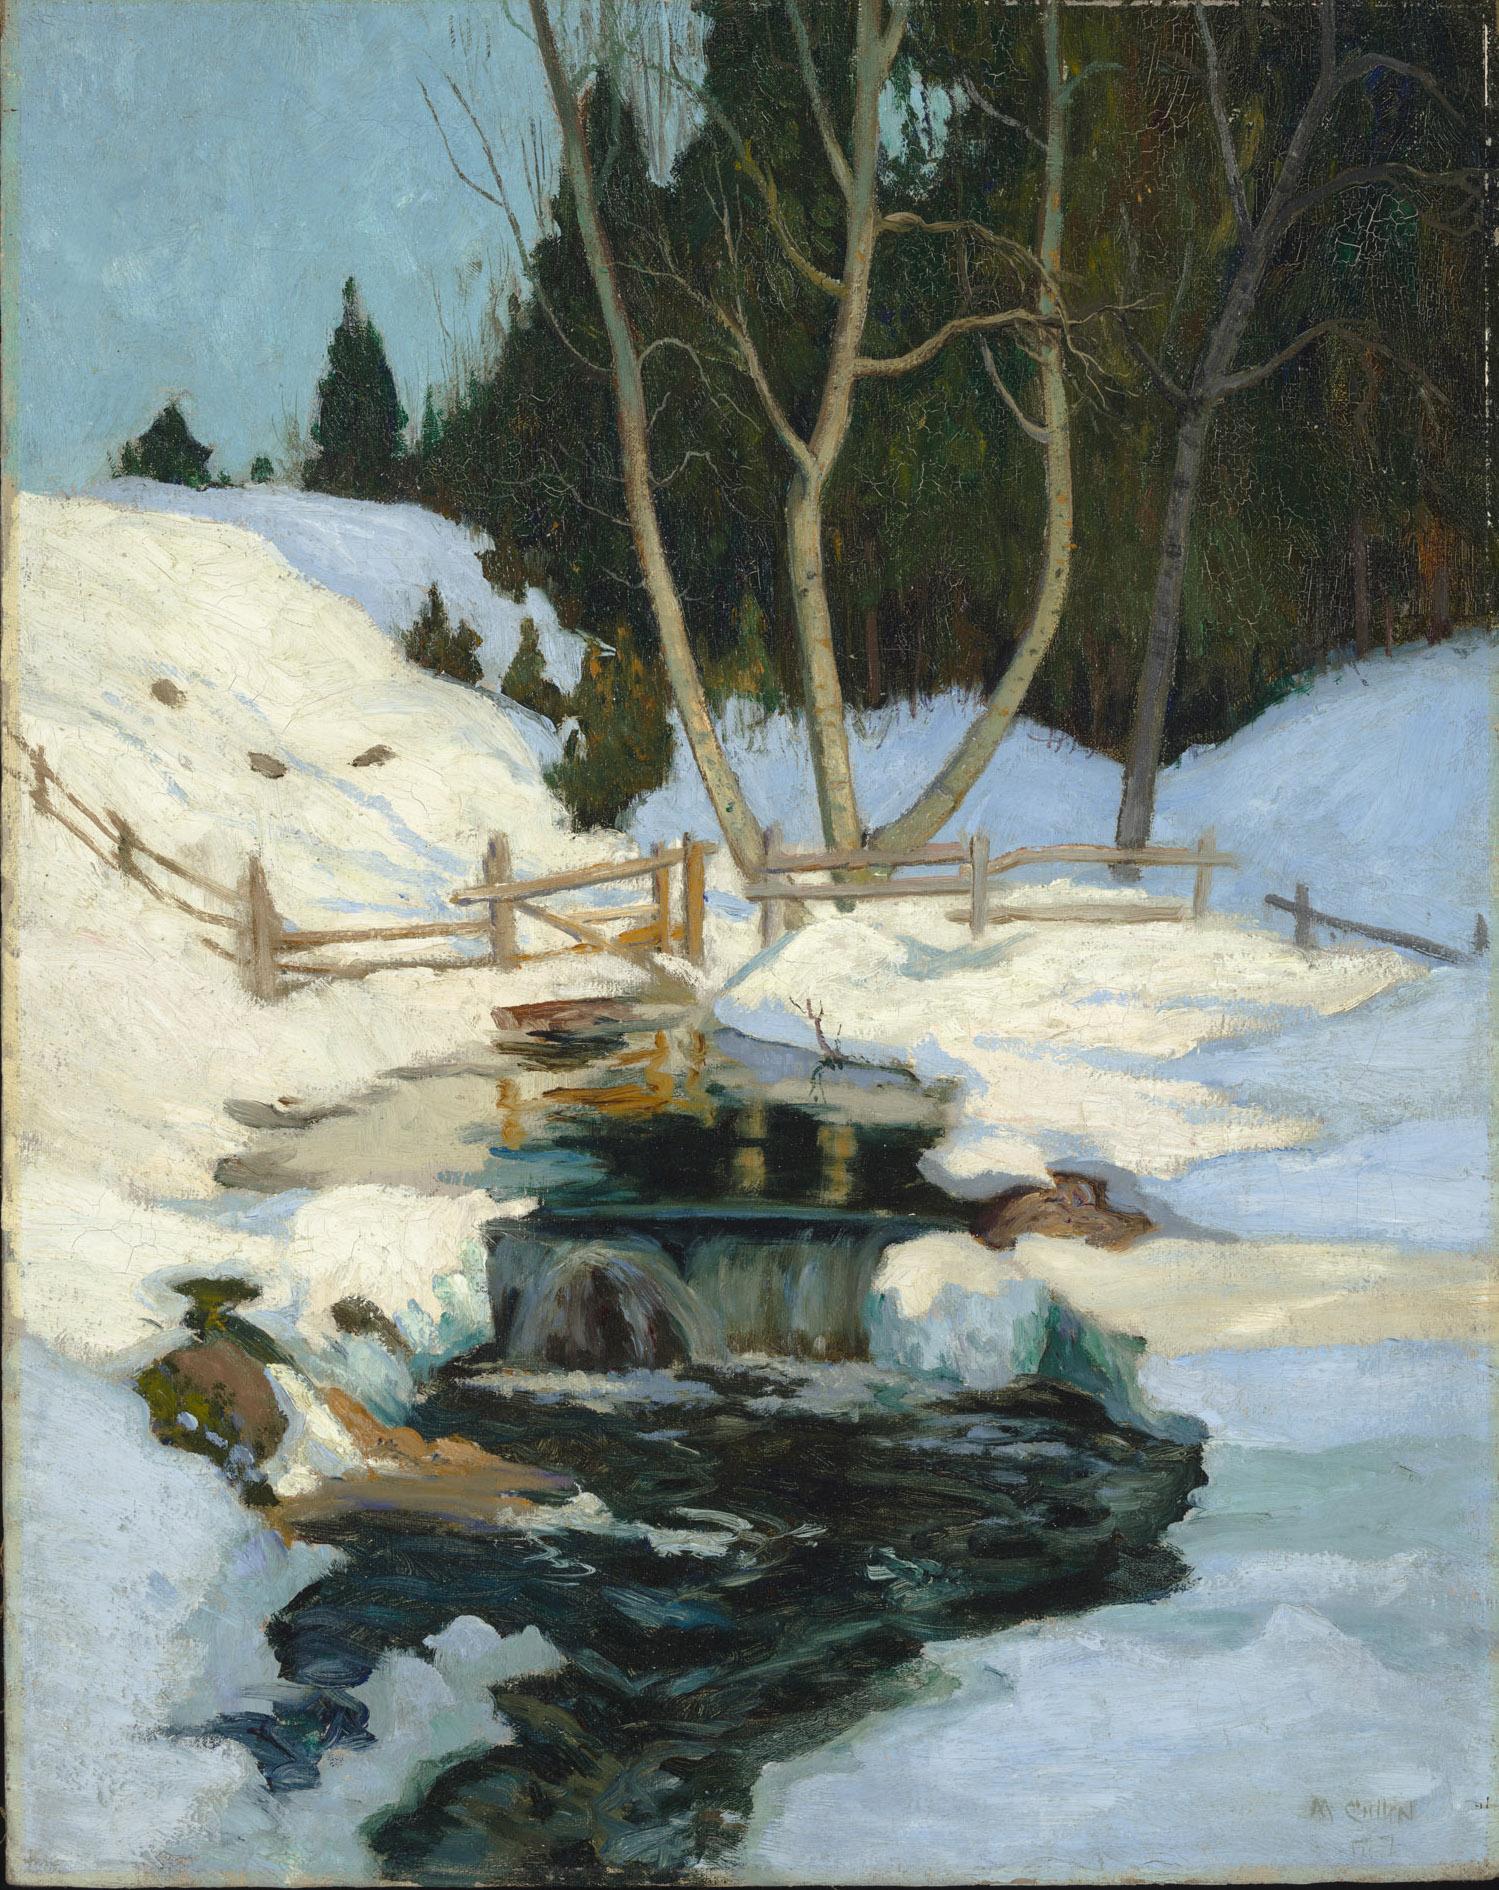 Maurice Cullen, La fonte des neiges